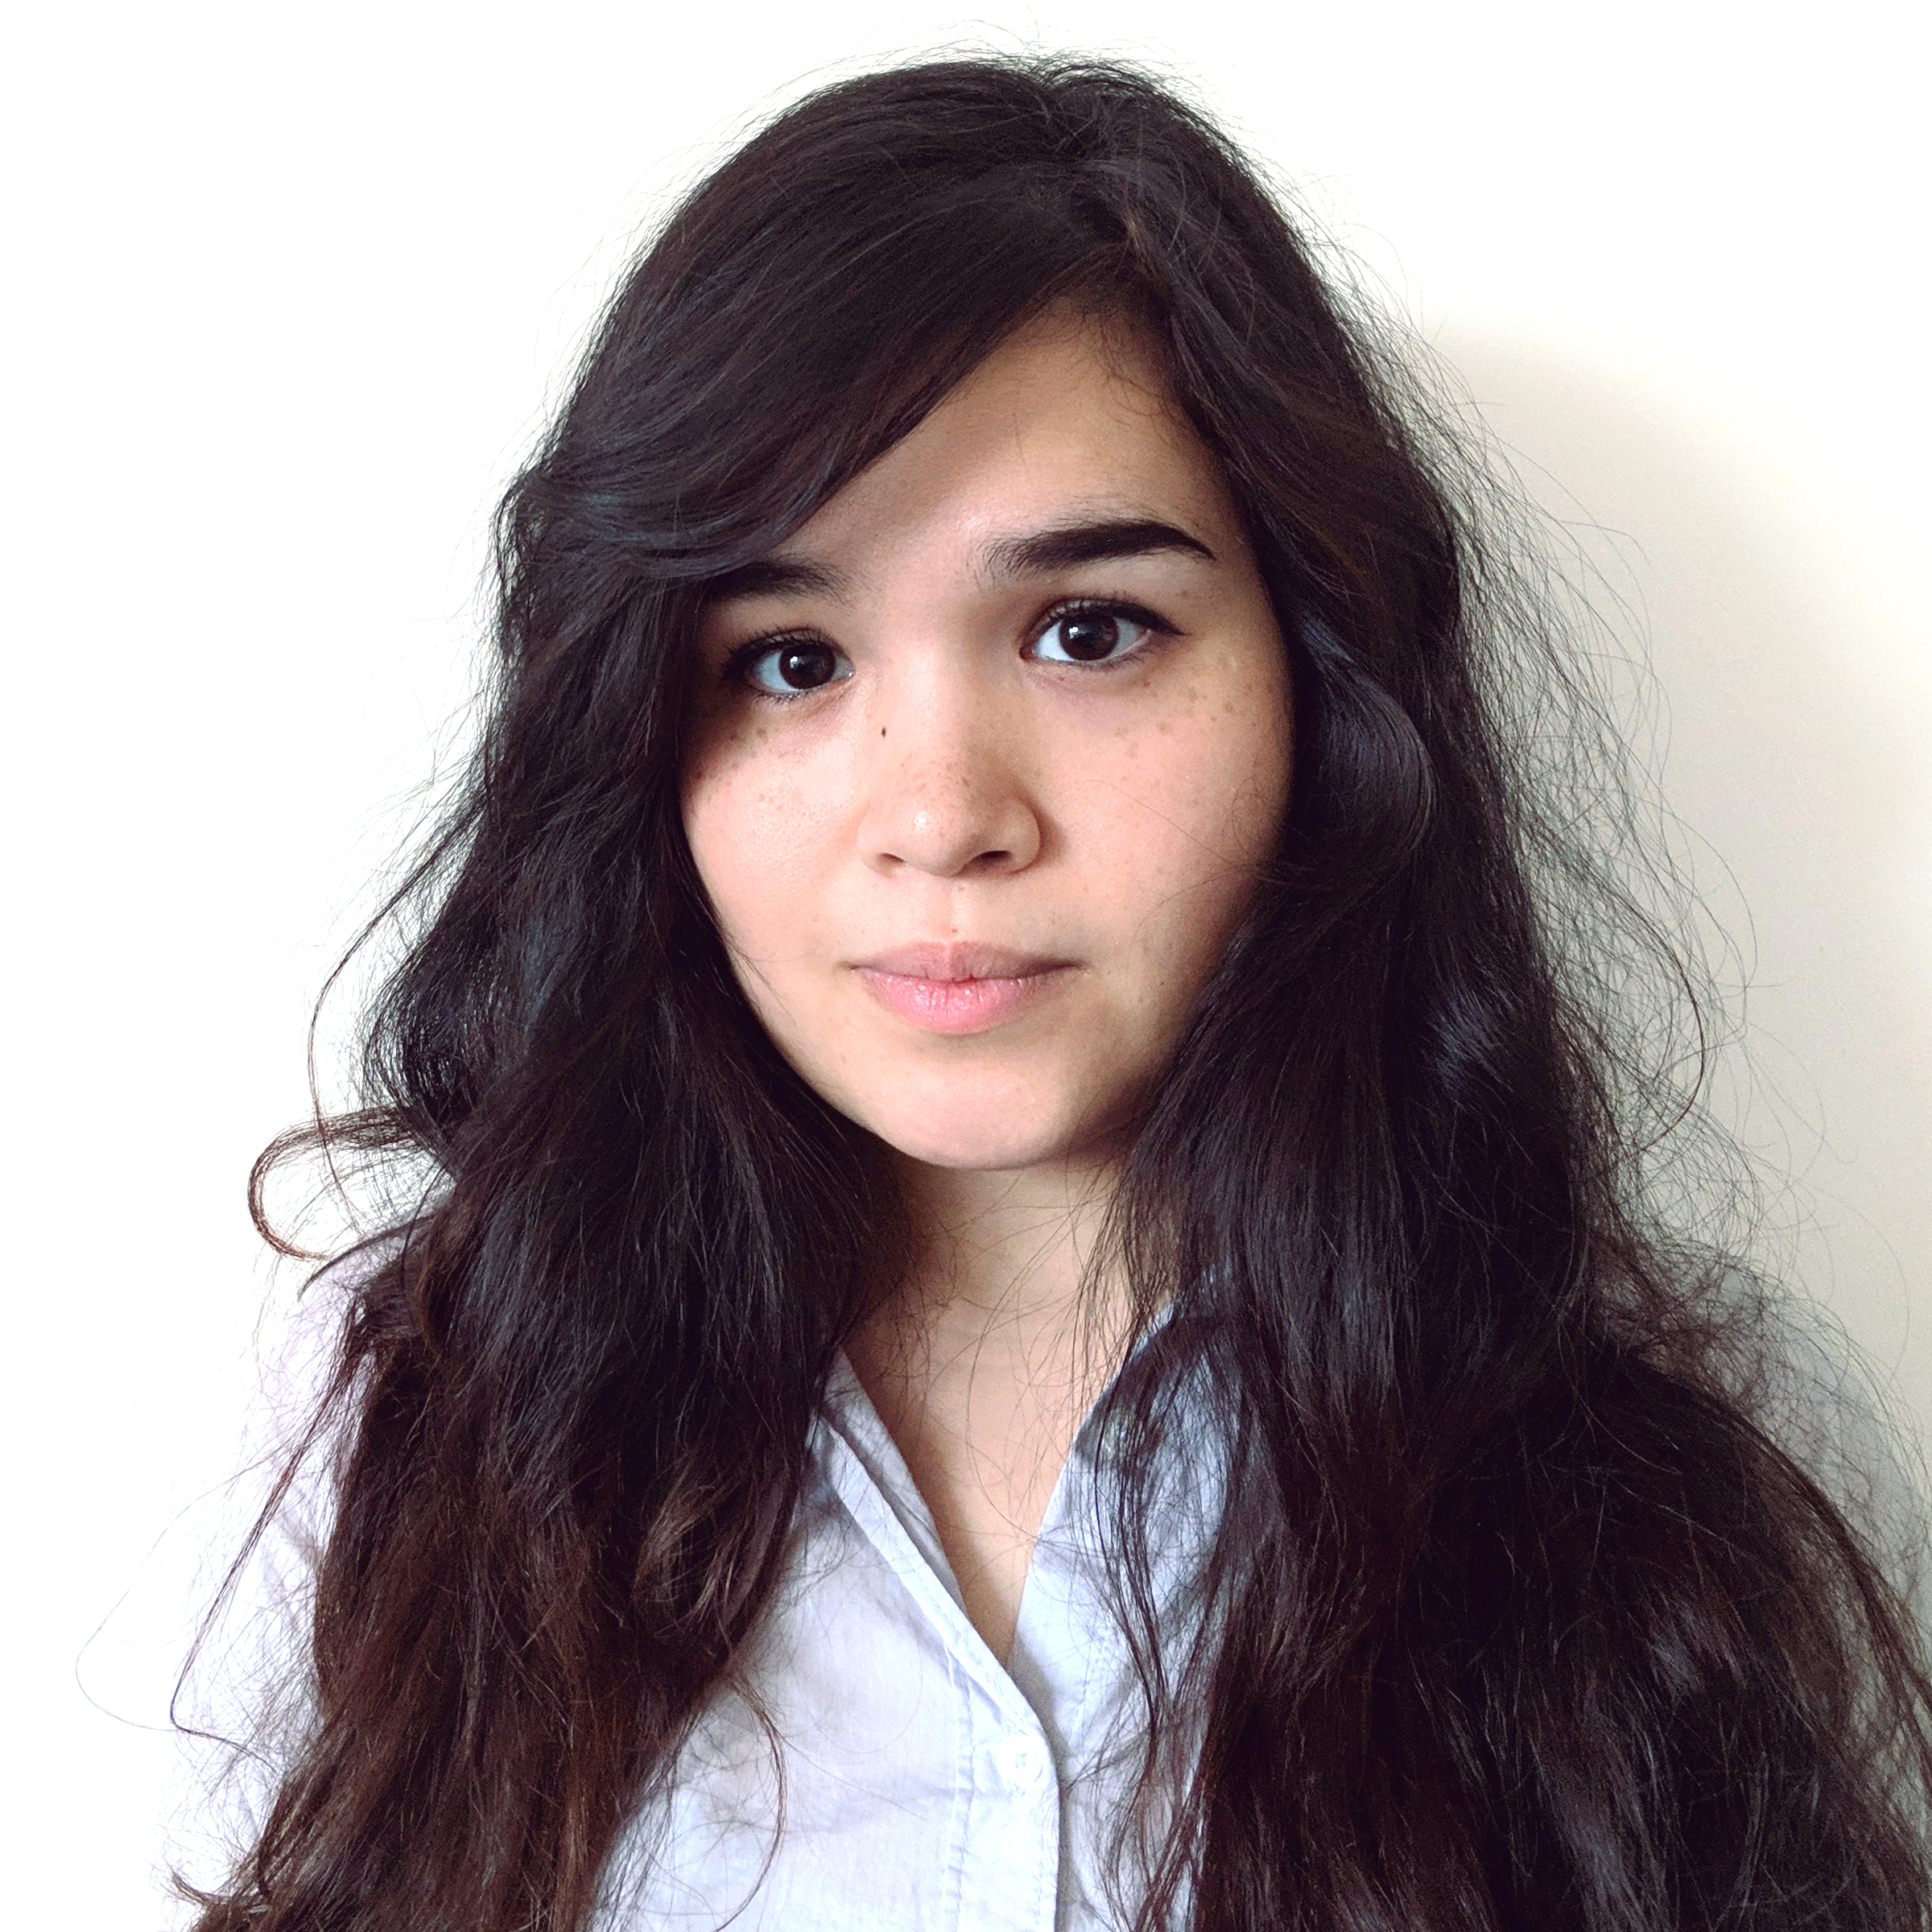 Marica Molder